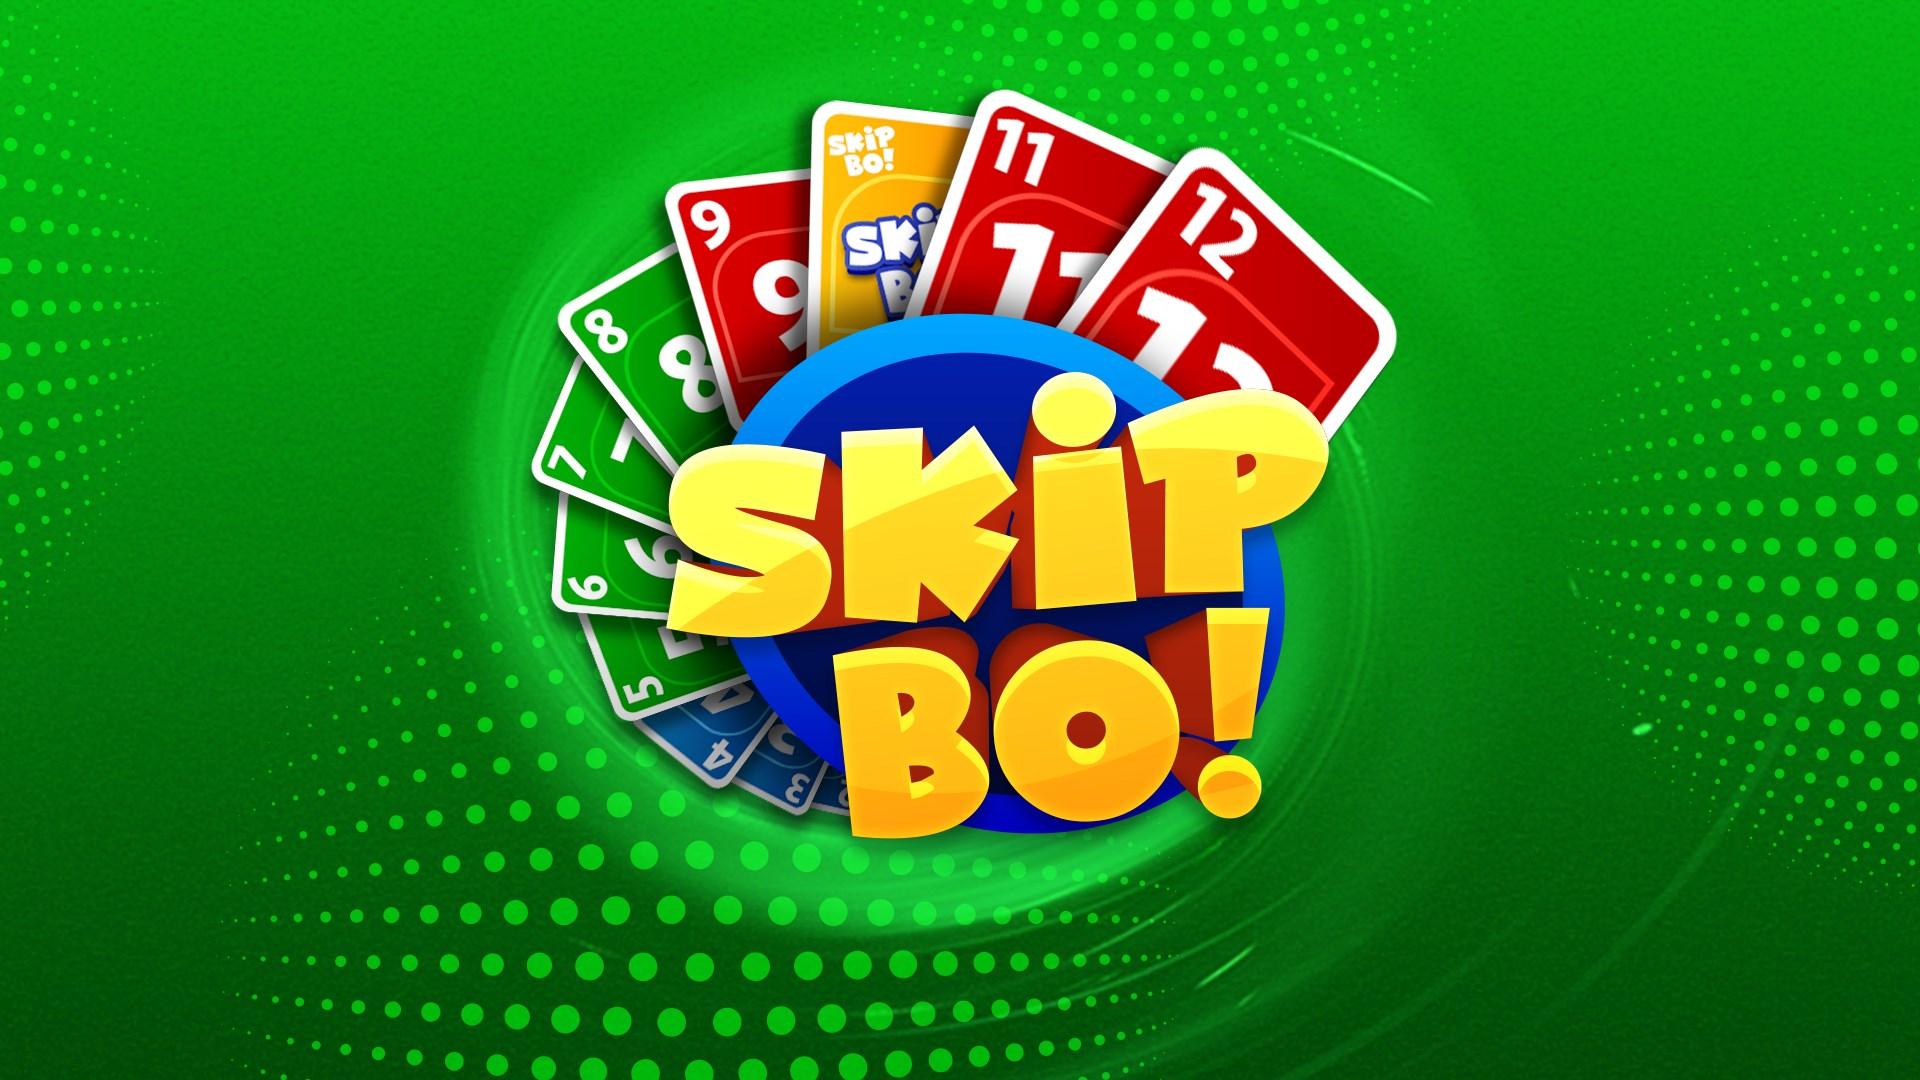 Svenska spel casino gratis